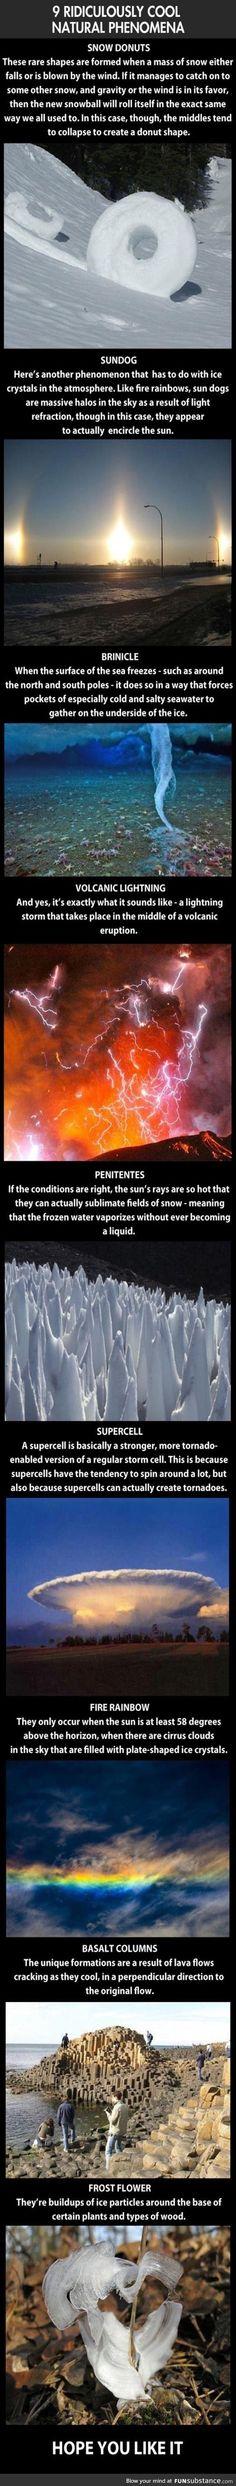 9 Amazing Natural Phenomenons